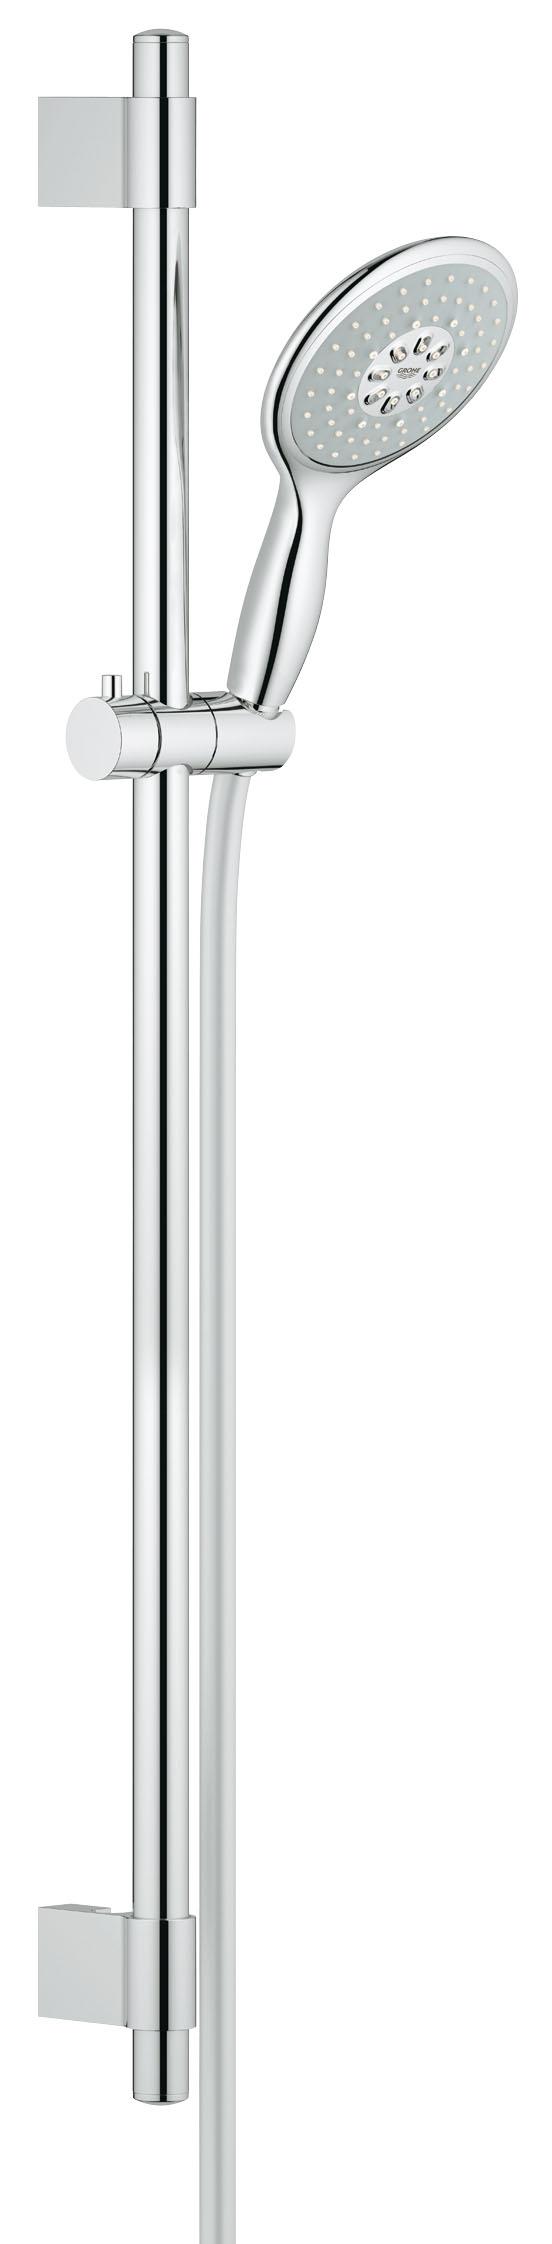 Душевой гарнитур Grohe Power&Soul 130, 4 режима, 9,5 л/мин. (27738000)27738000Помимо ручного душа из коллекции Power&Soul, в комплект данного душевого гарнитура также входит душевая штанга длиной 900 мм с адаптивными металлическими креплениями для настенного монтажа. Душевая головка располагает четырьмя комбинируемыми режимами струи, создающими роскошные ощущения при принятии душа: это GROHE Rain O2, Rain, Jet и Bokoma Spray. Одновременно с этим, данная модель душа помогает в сбережении ценных природных ресурсов за счет крайне рациональных показателей расхода воды. Благодаря практичным особенностям, включая душевой шланг с креплением TwistFree, предотвращающим перекручивание, и систему монтажа GROHE QuickFix Plus, этот душ станет великолепным дополнением к оснащению вашей ванной комнаты. Система монтажа предусматривает возможность регулировки межосевого расстояния у креплений для настенного монтажа душевой штанги таким образом, чтобы попасть в имеющиеся отверстия в стене или в межплиточные швы и не рисковать повреждением плитки при монтаже. Установите в своей ванной комнате данный душевой гарнитур со штангой и наслаждайтесь создаваемыми им удобством и комфортом.Особенностивключает в себя ручной душ Power&Soul 130 (27673000), душевую штангу, 900 мм (27785000), душевой шланг 1750 мм (28388000) GROHE EcoJoy Технология совершенного потока при уменьшенном расходе воды с металлическими настенными креплениями GROHE QuickFix Plus(регулируемое расстояние между настенными креплениями штанги позволяет использовать для монтажа уже имеющиеся отверстия в стене ) Twistfree против перекручивания шланга GROHE DreamSpray превосходный поток воды GROHE StarLight хромированная поверхность с системой SpeedClean против известковых отложений внутренний охлаждающий канал для продолжительного срока службы 9,5 л/мин ограничитель расхода воды может использоваться с проточным водонагревателемВидео по установке является исключительно информационным. Установка должна проводиться профессионалами!